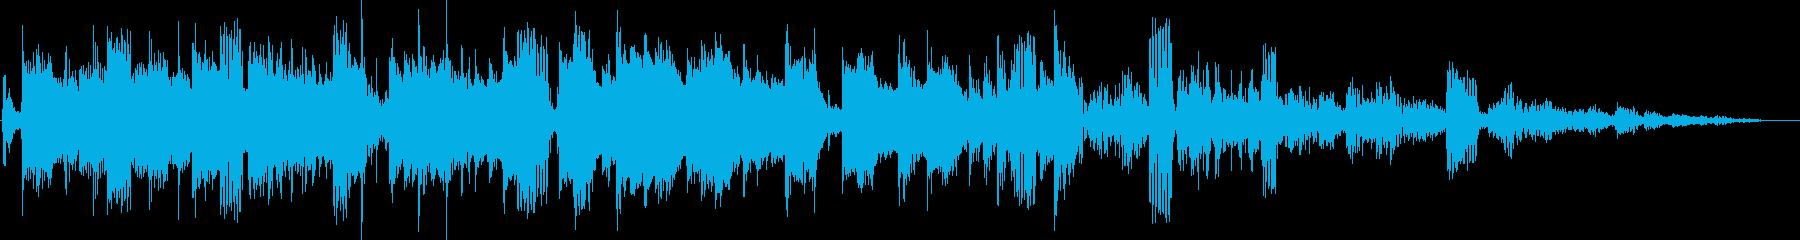 レトロなシンセ全開なテクノポップの再生済みの波形